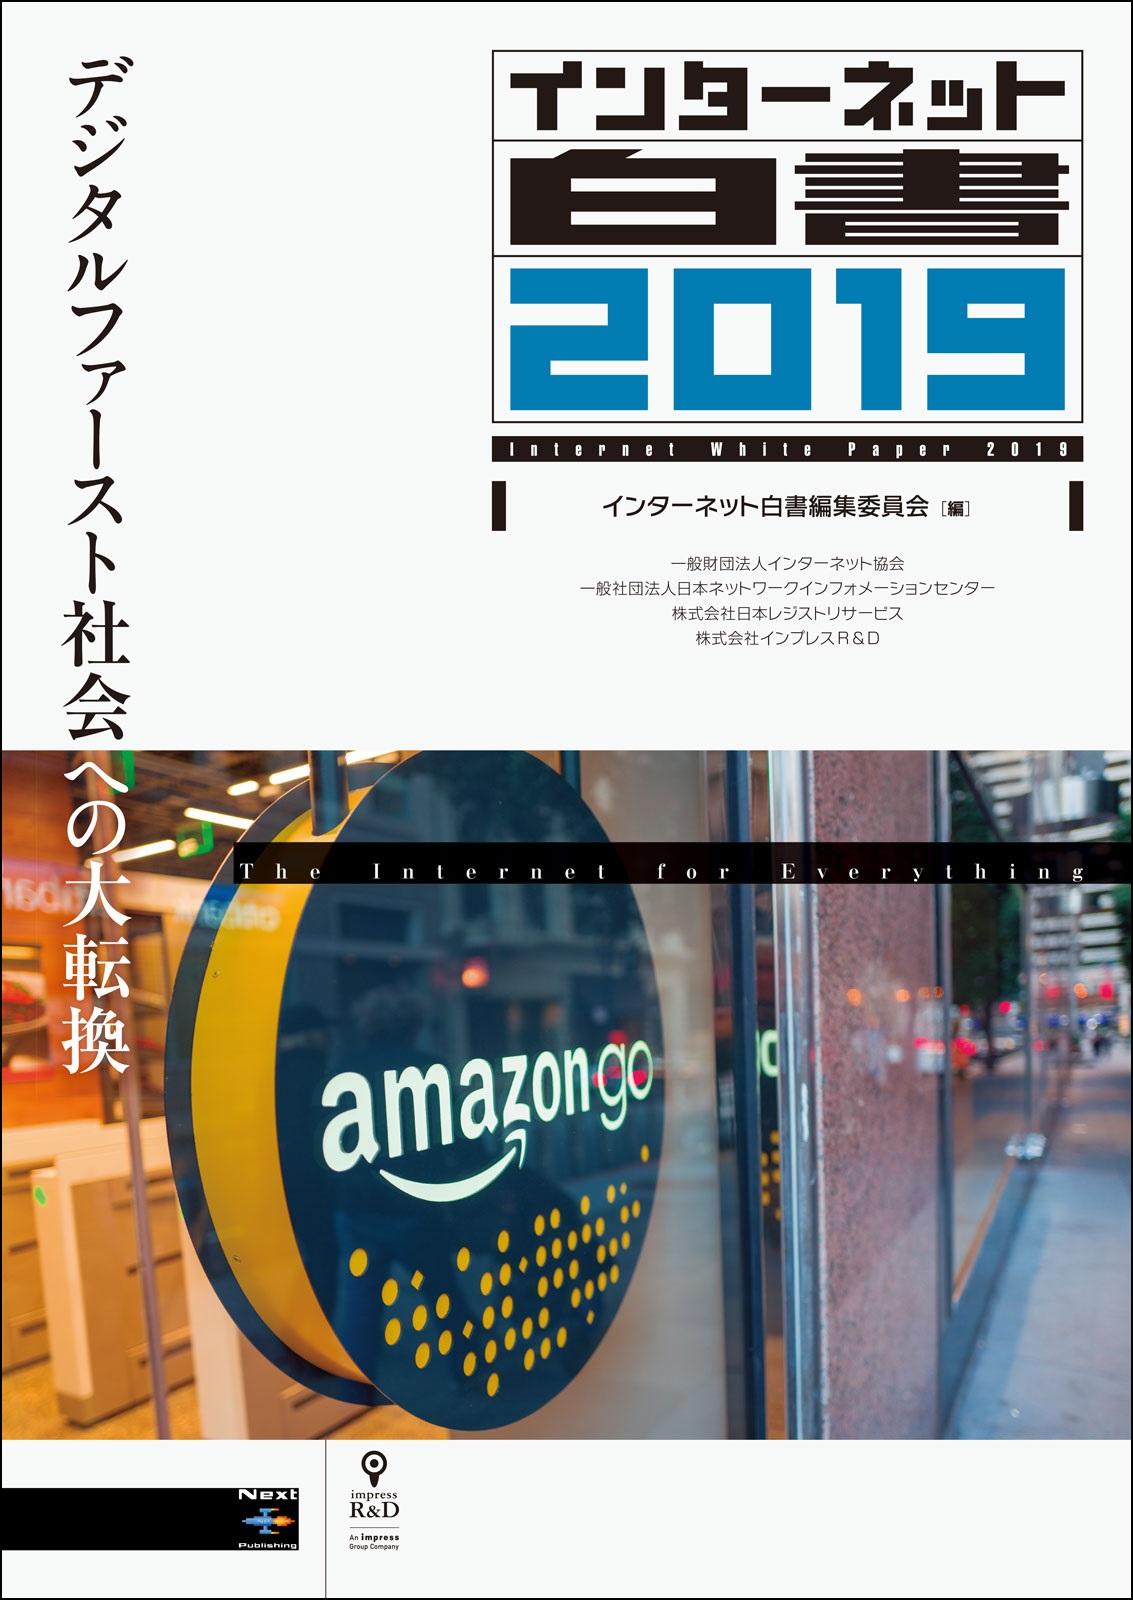 『インターネット白書 2019 デジタルファースト社会への大転換』(インプレスR&D刊)に寄稿しました。